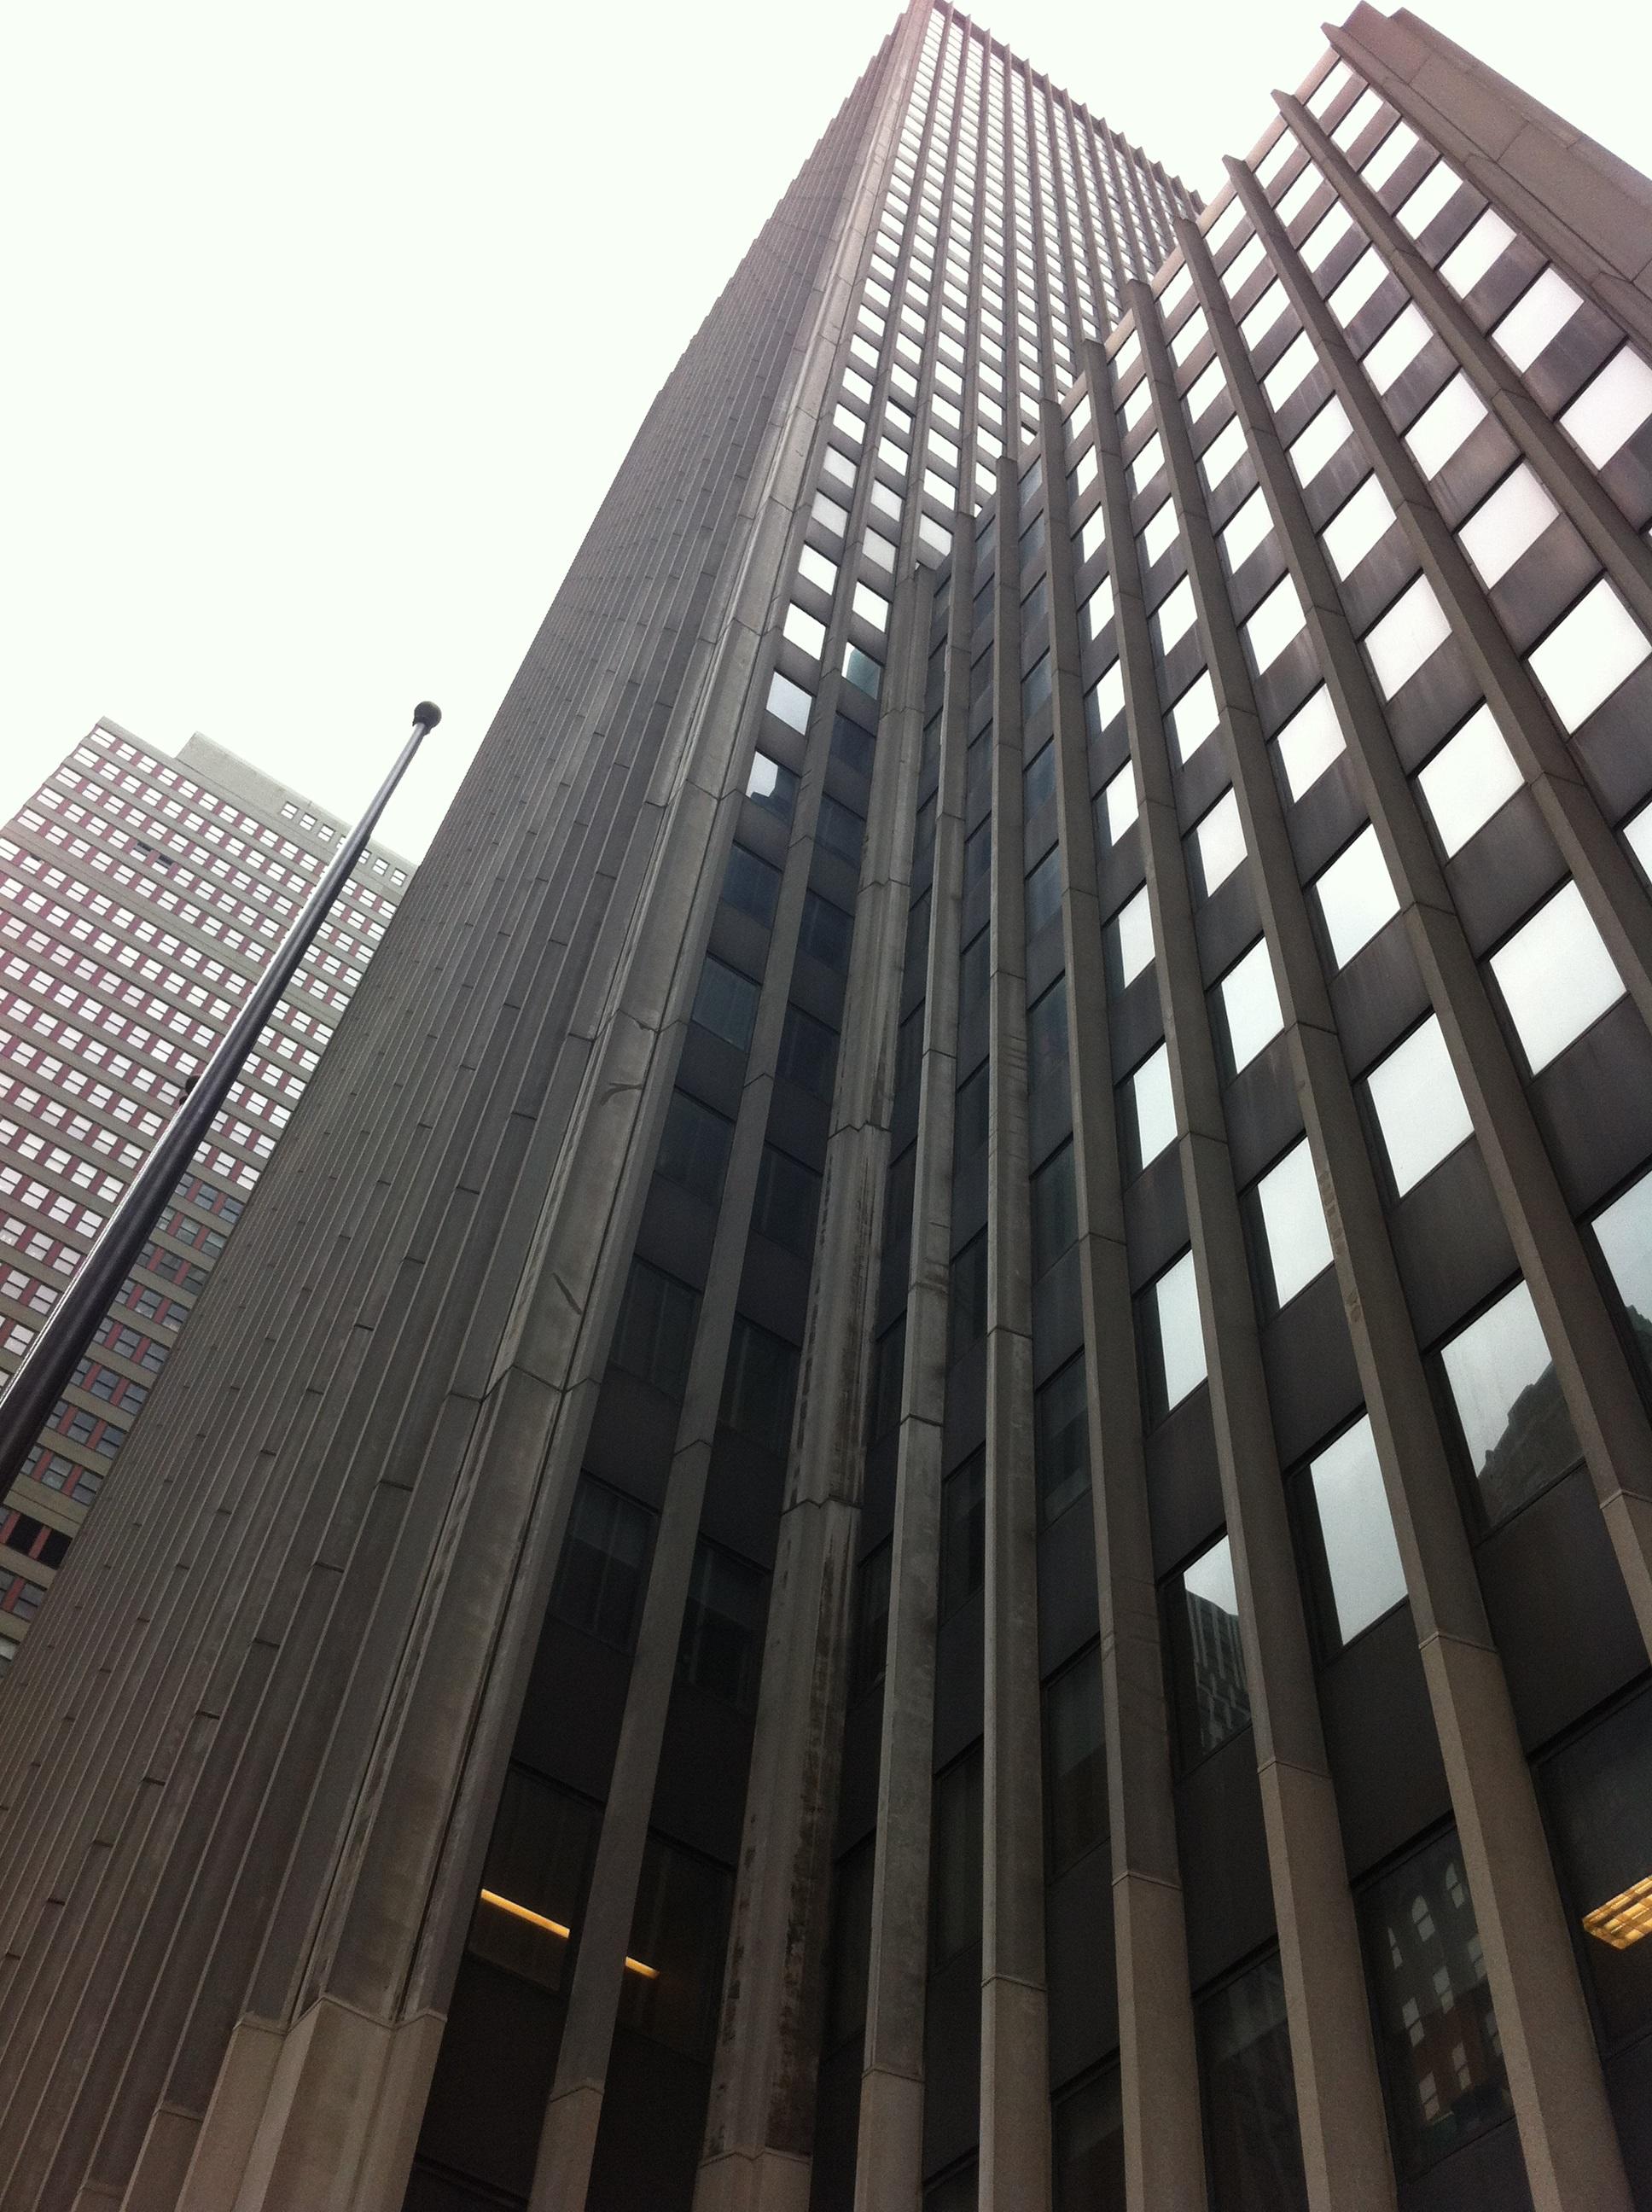 edificio ciudad rascacielos nueva york centro de la ciudad lnea punto de referencia fachada bloque